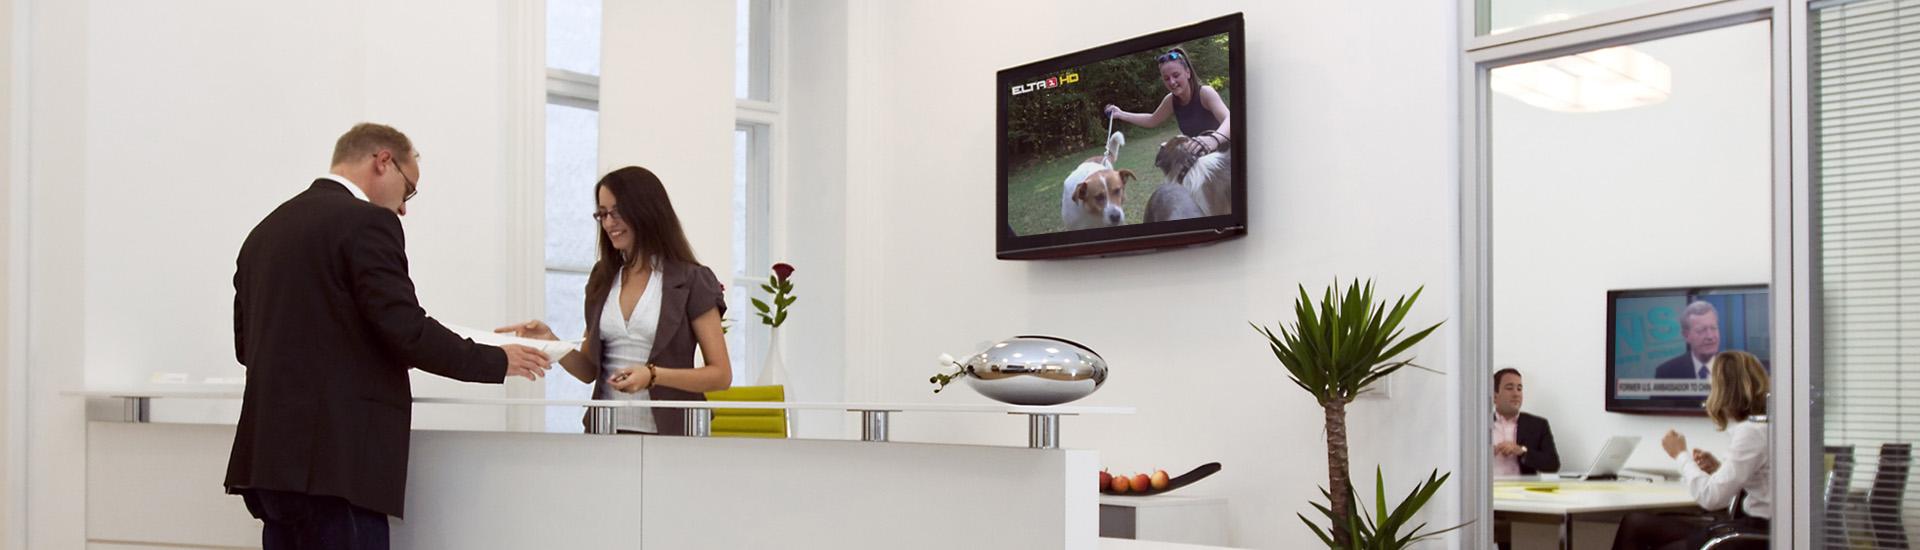 Televizija za poslovne korisnike